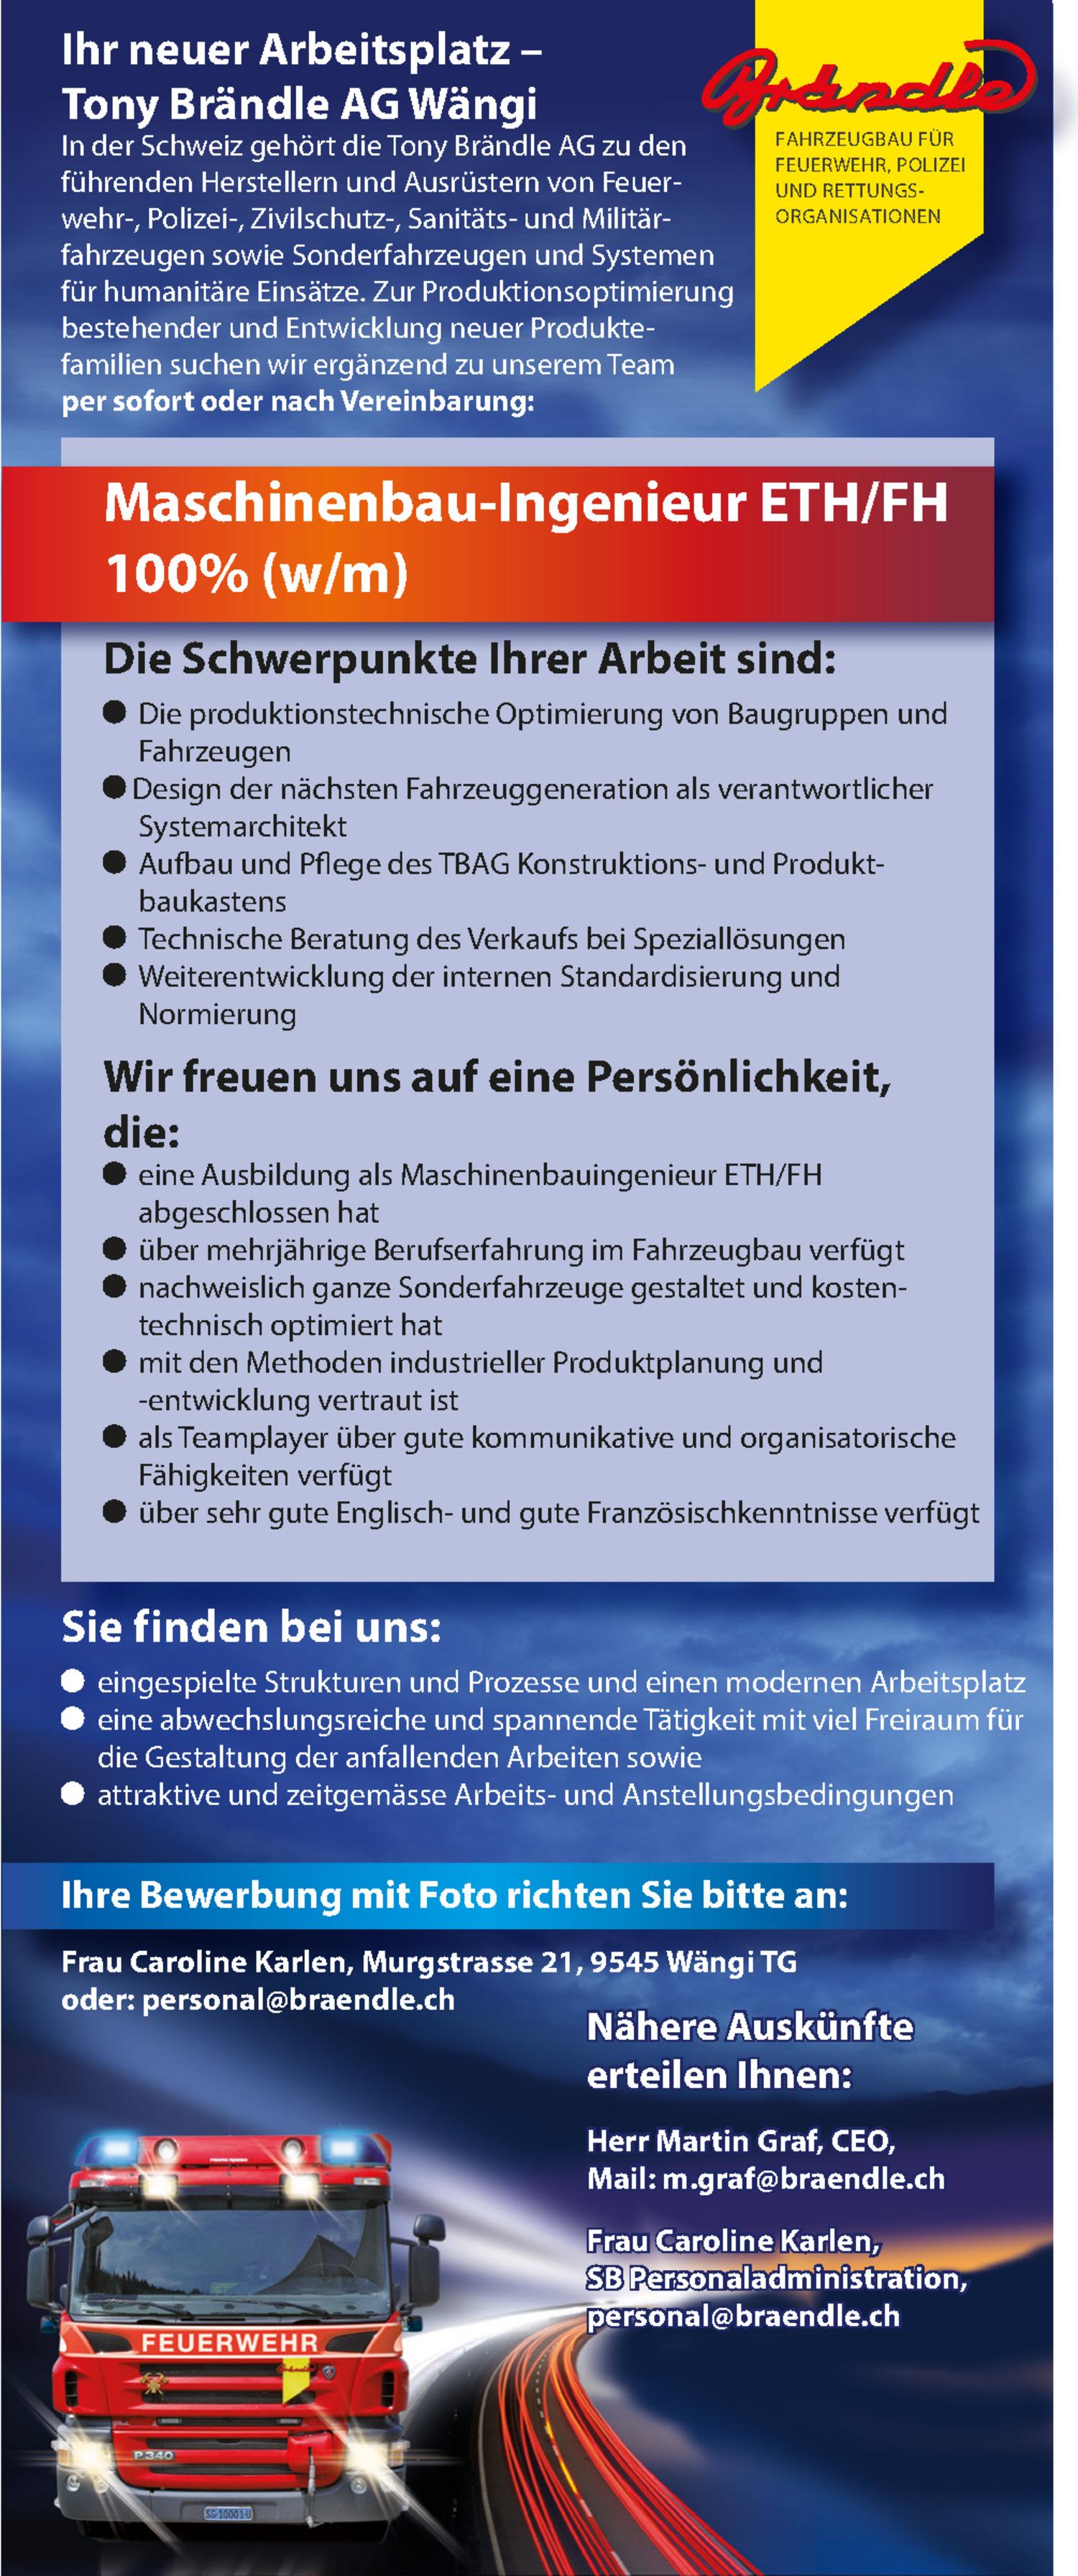 Inserat Maschinenbau-Ingenieur ETH / FH 100 % (w/m)